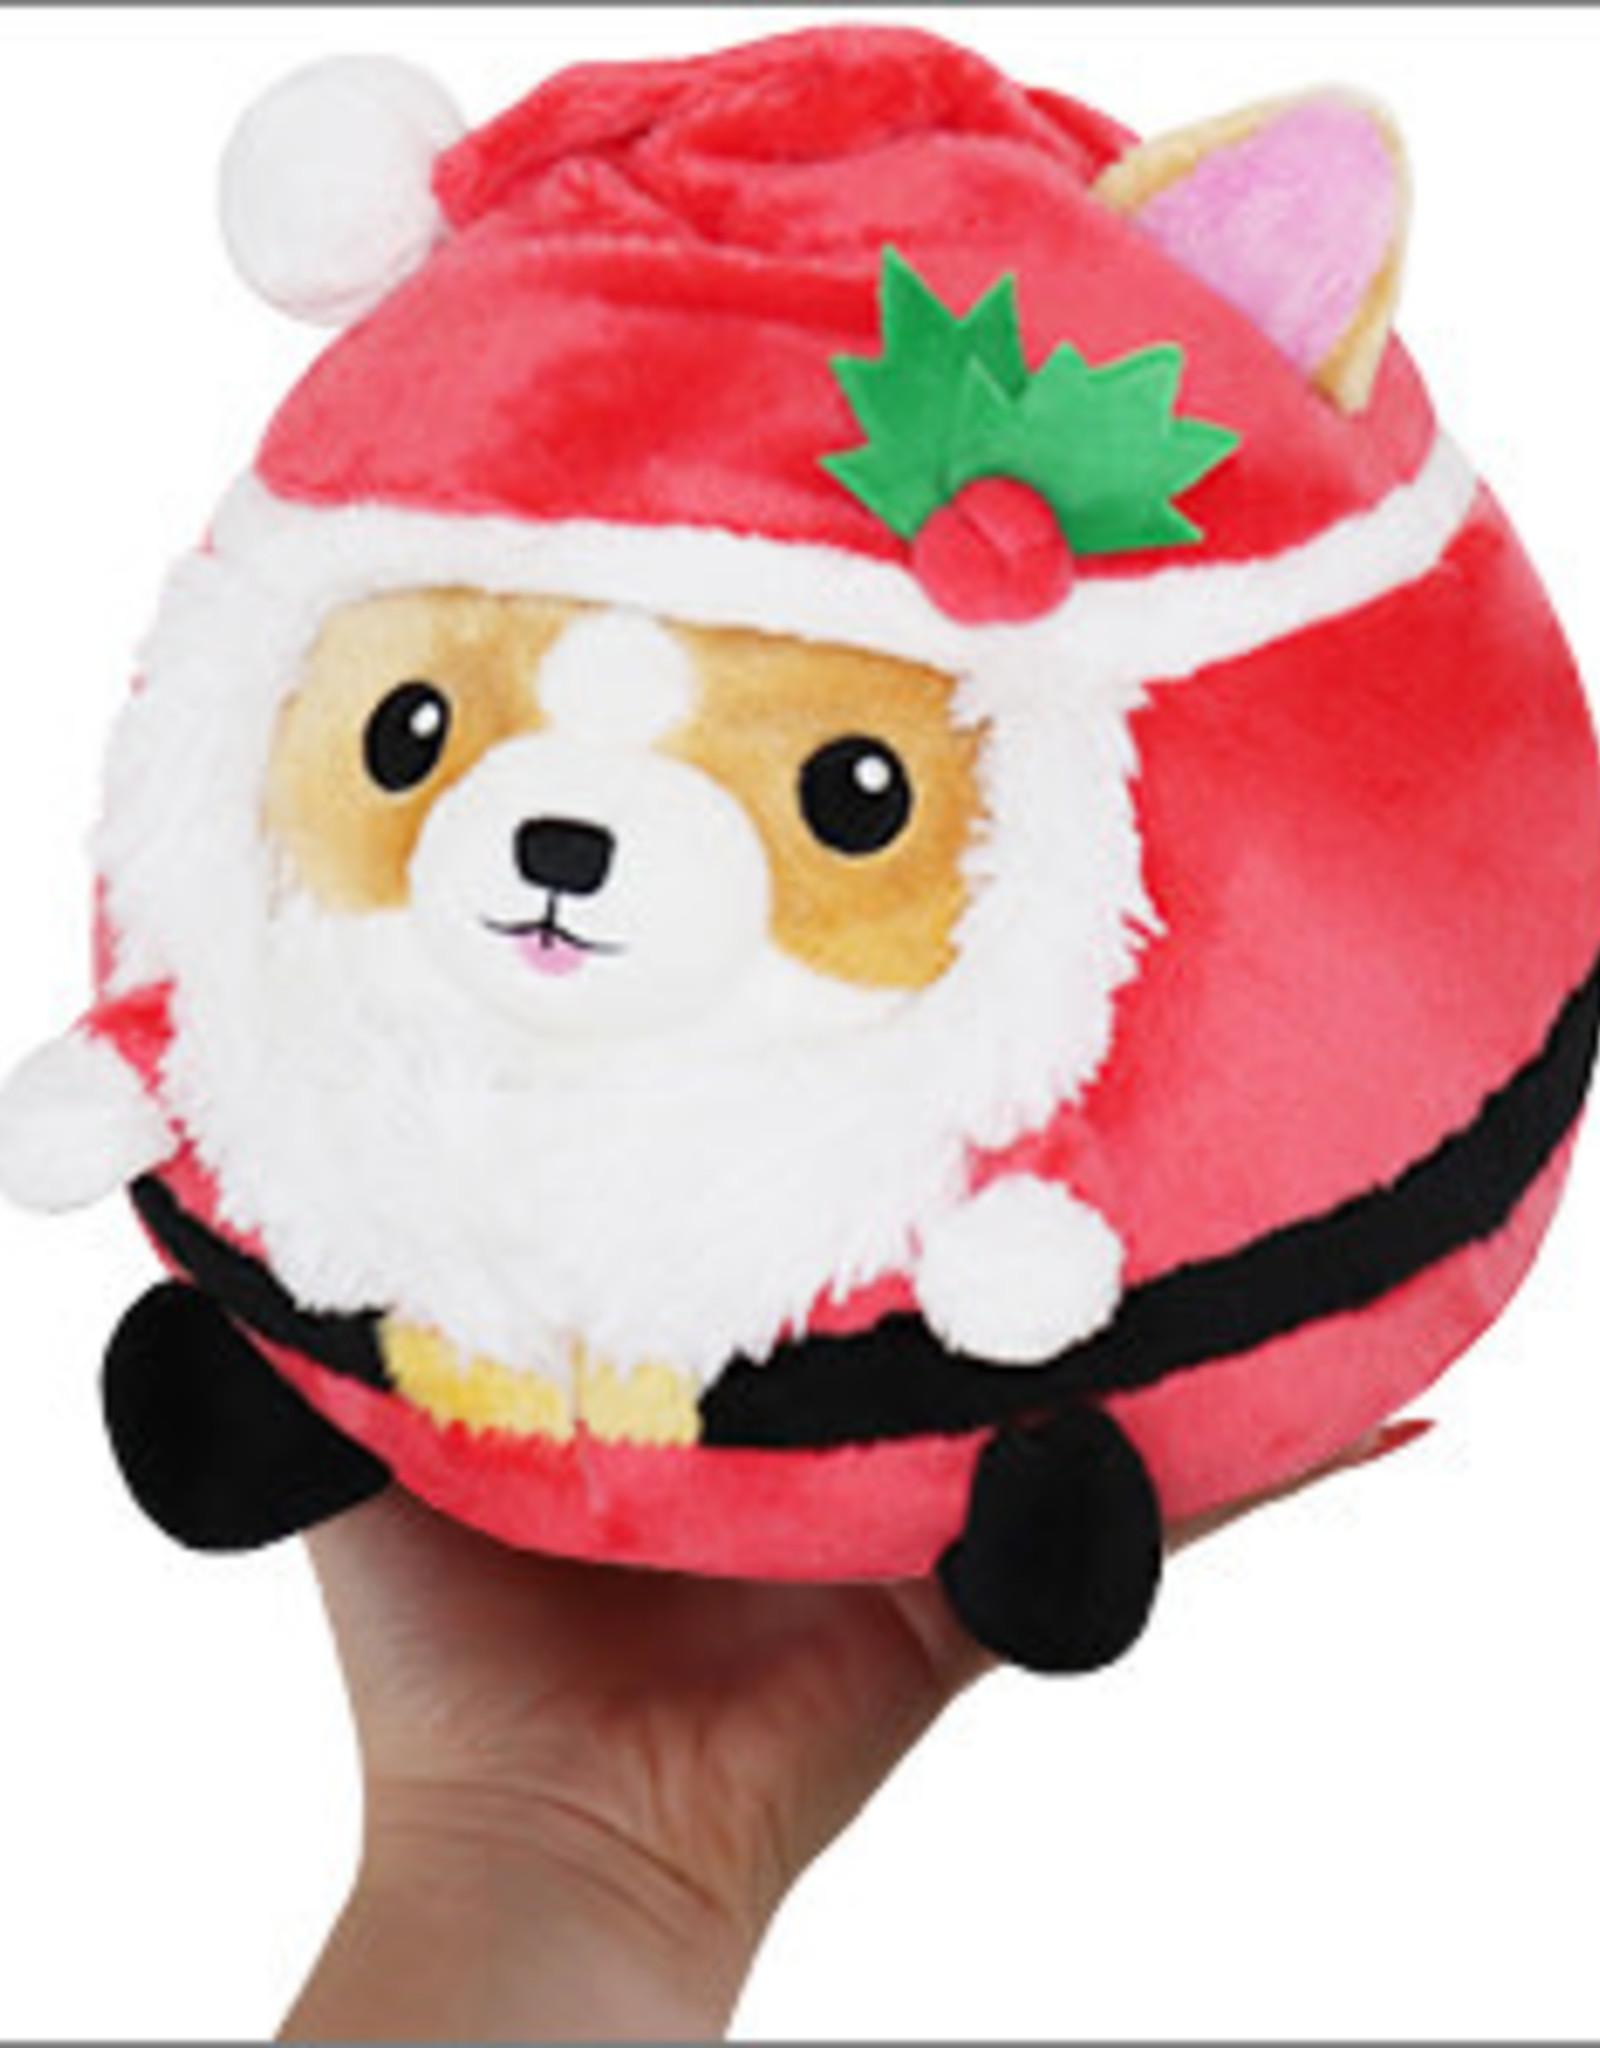 Squishable Undercover Corgi in Santa